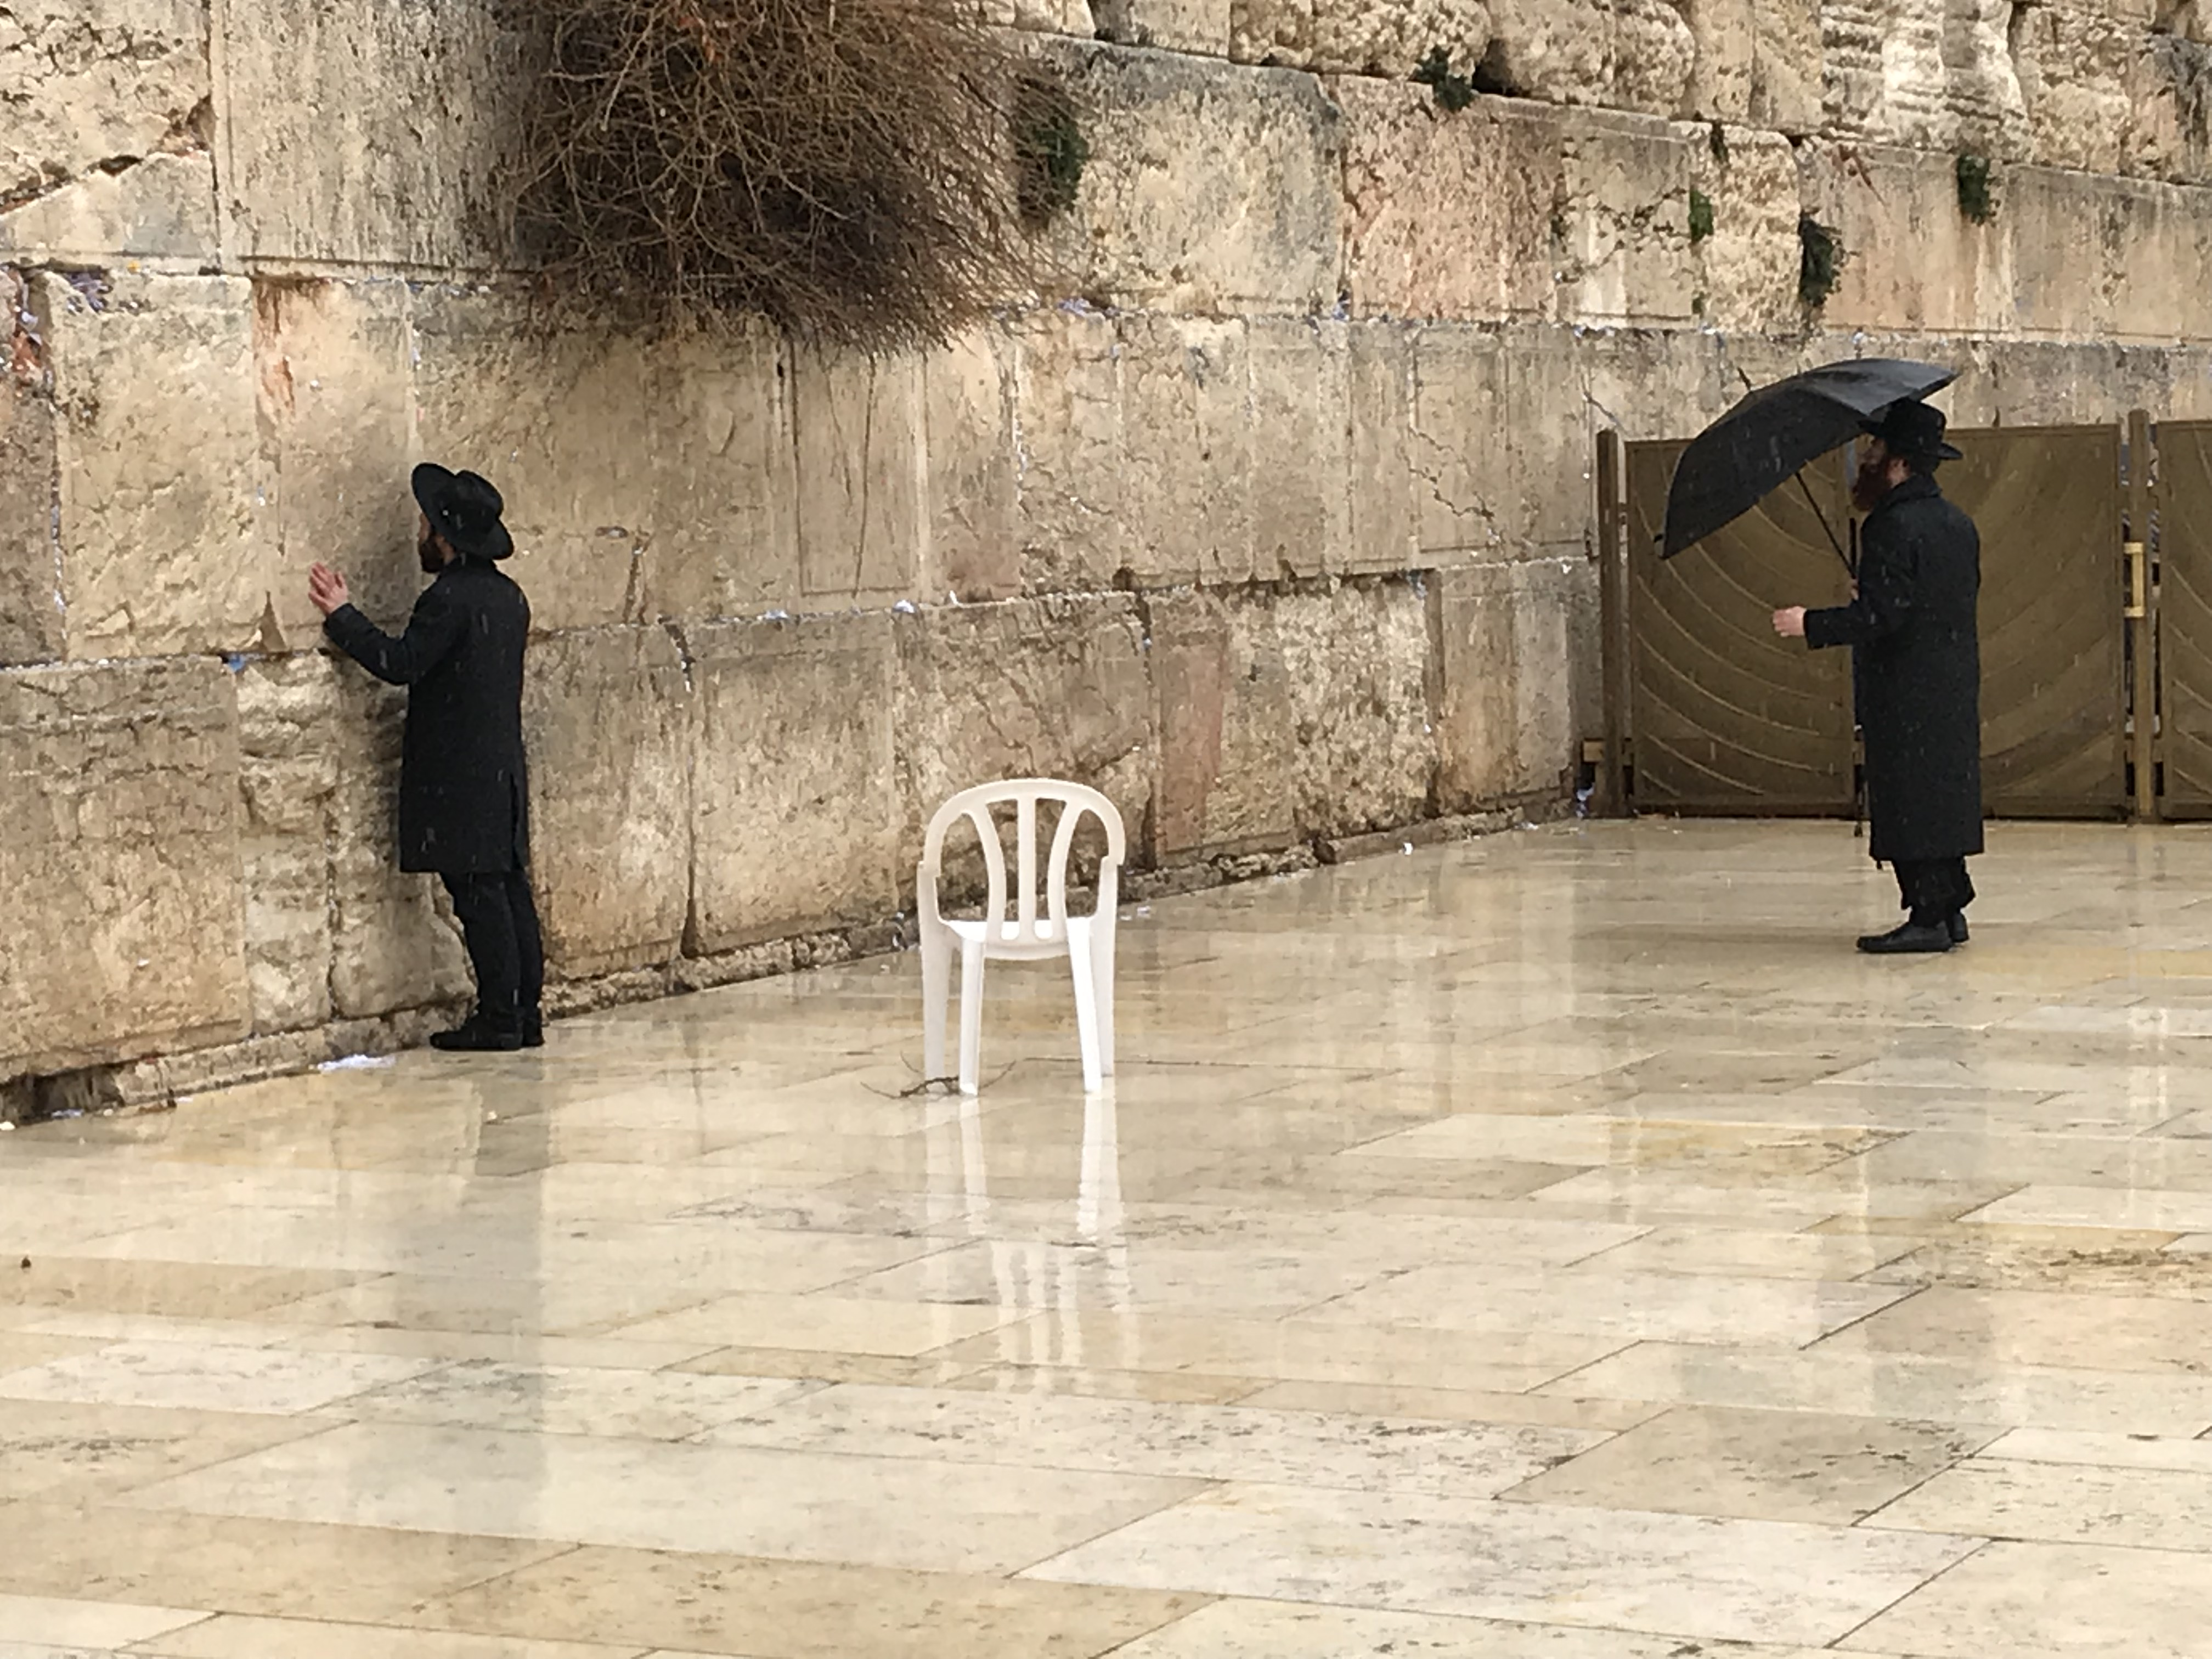 エルサレム 嘆きの壁